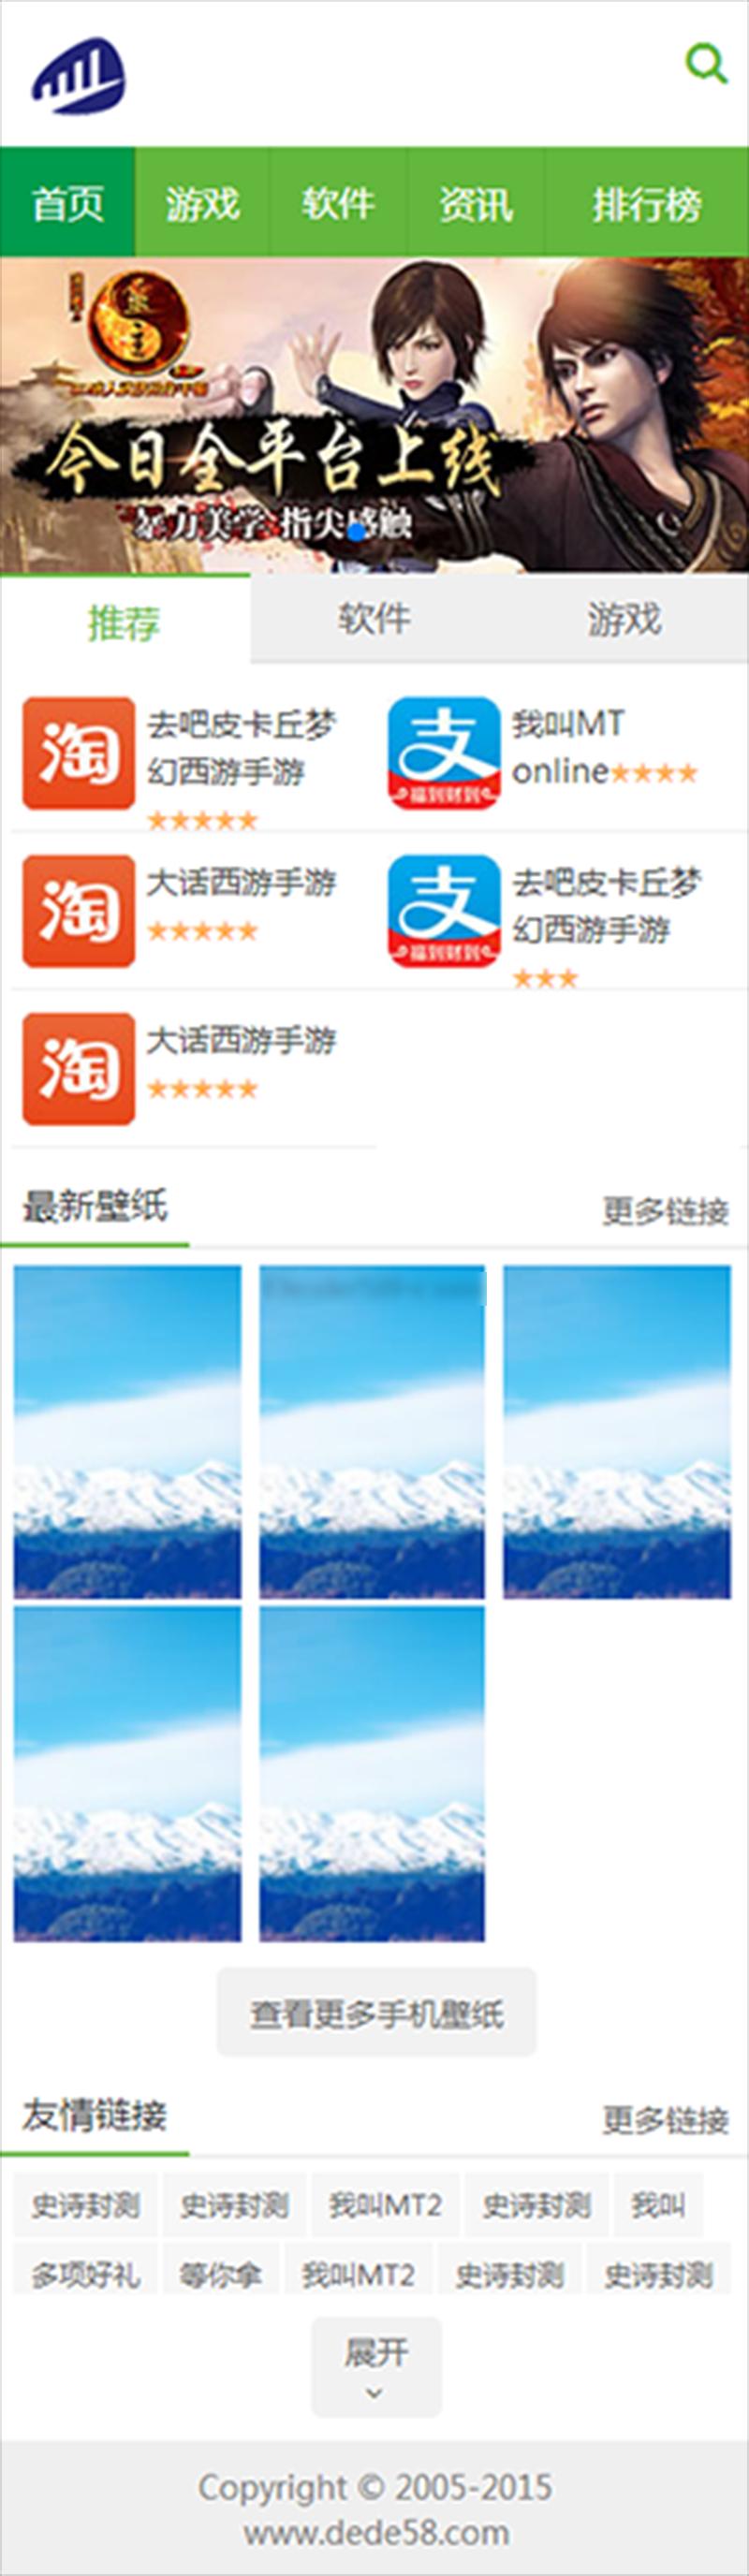 绿色软件下载手机版网站模板